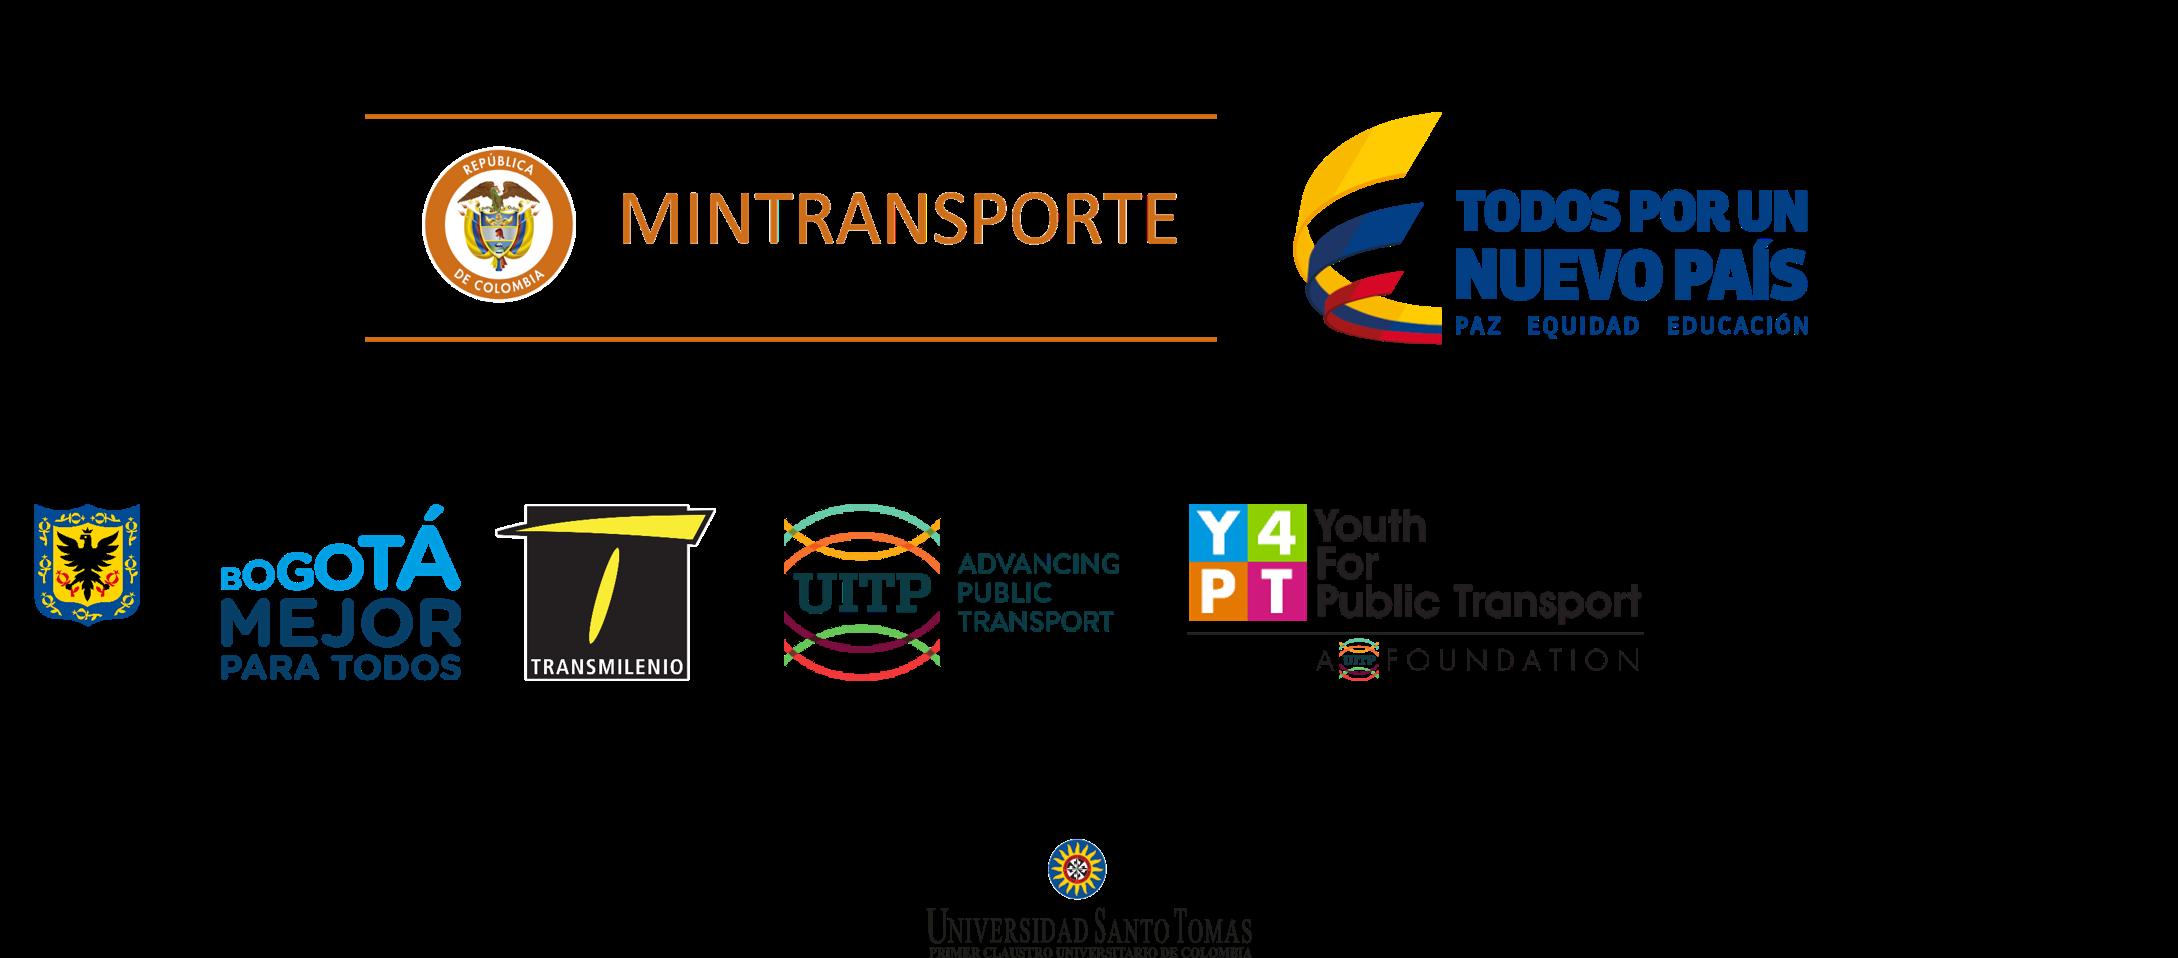 Y4PT Transport Hackathon Bogotá 2017